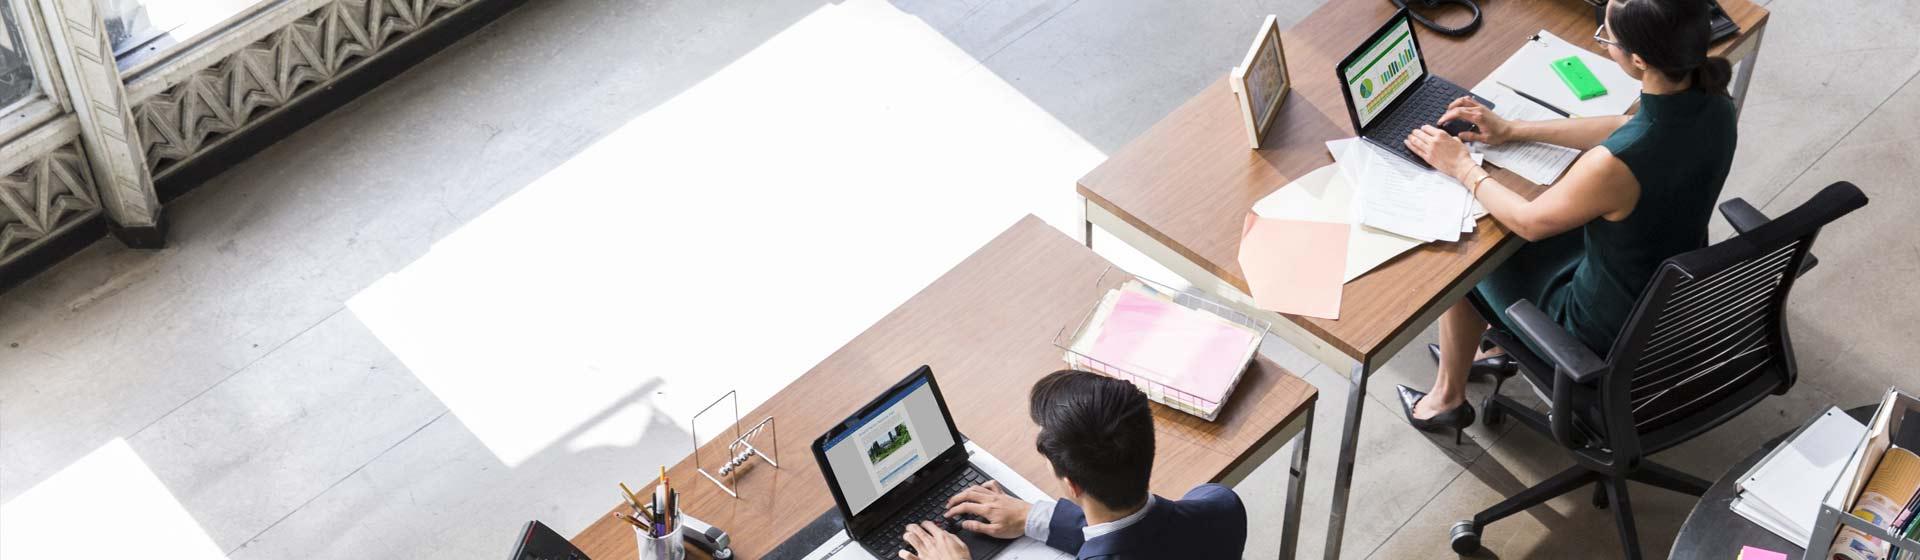 Ostvarite dodatnu vrijednost – još danas nadogradite Office 2013 na Office 365